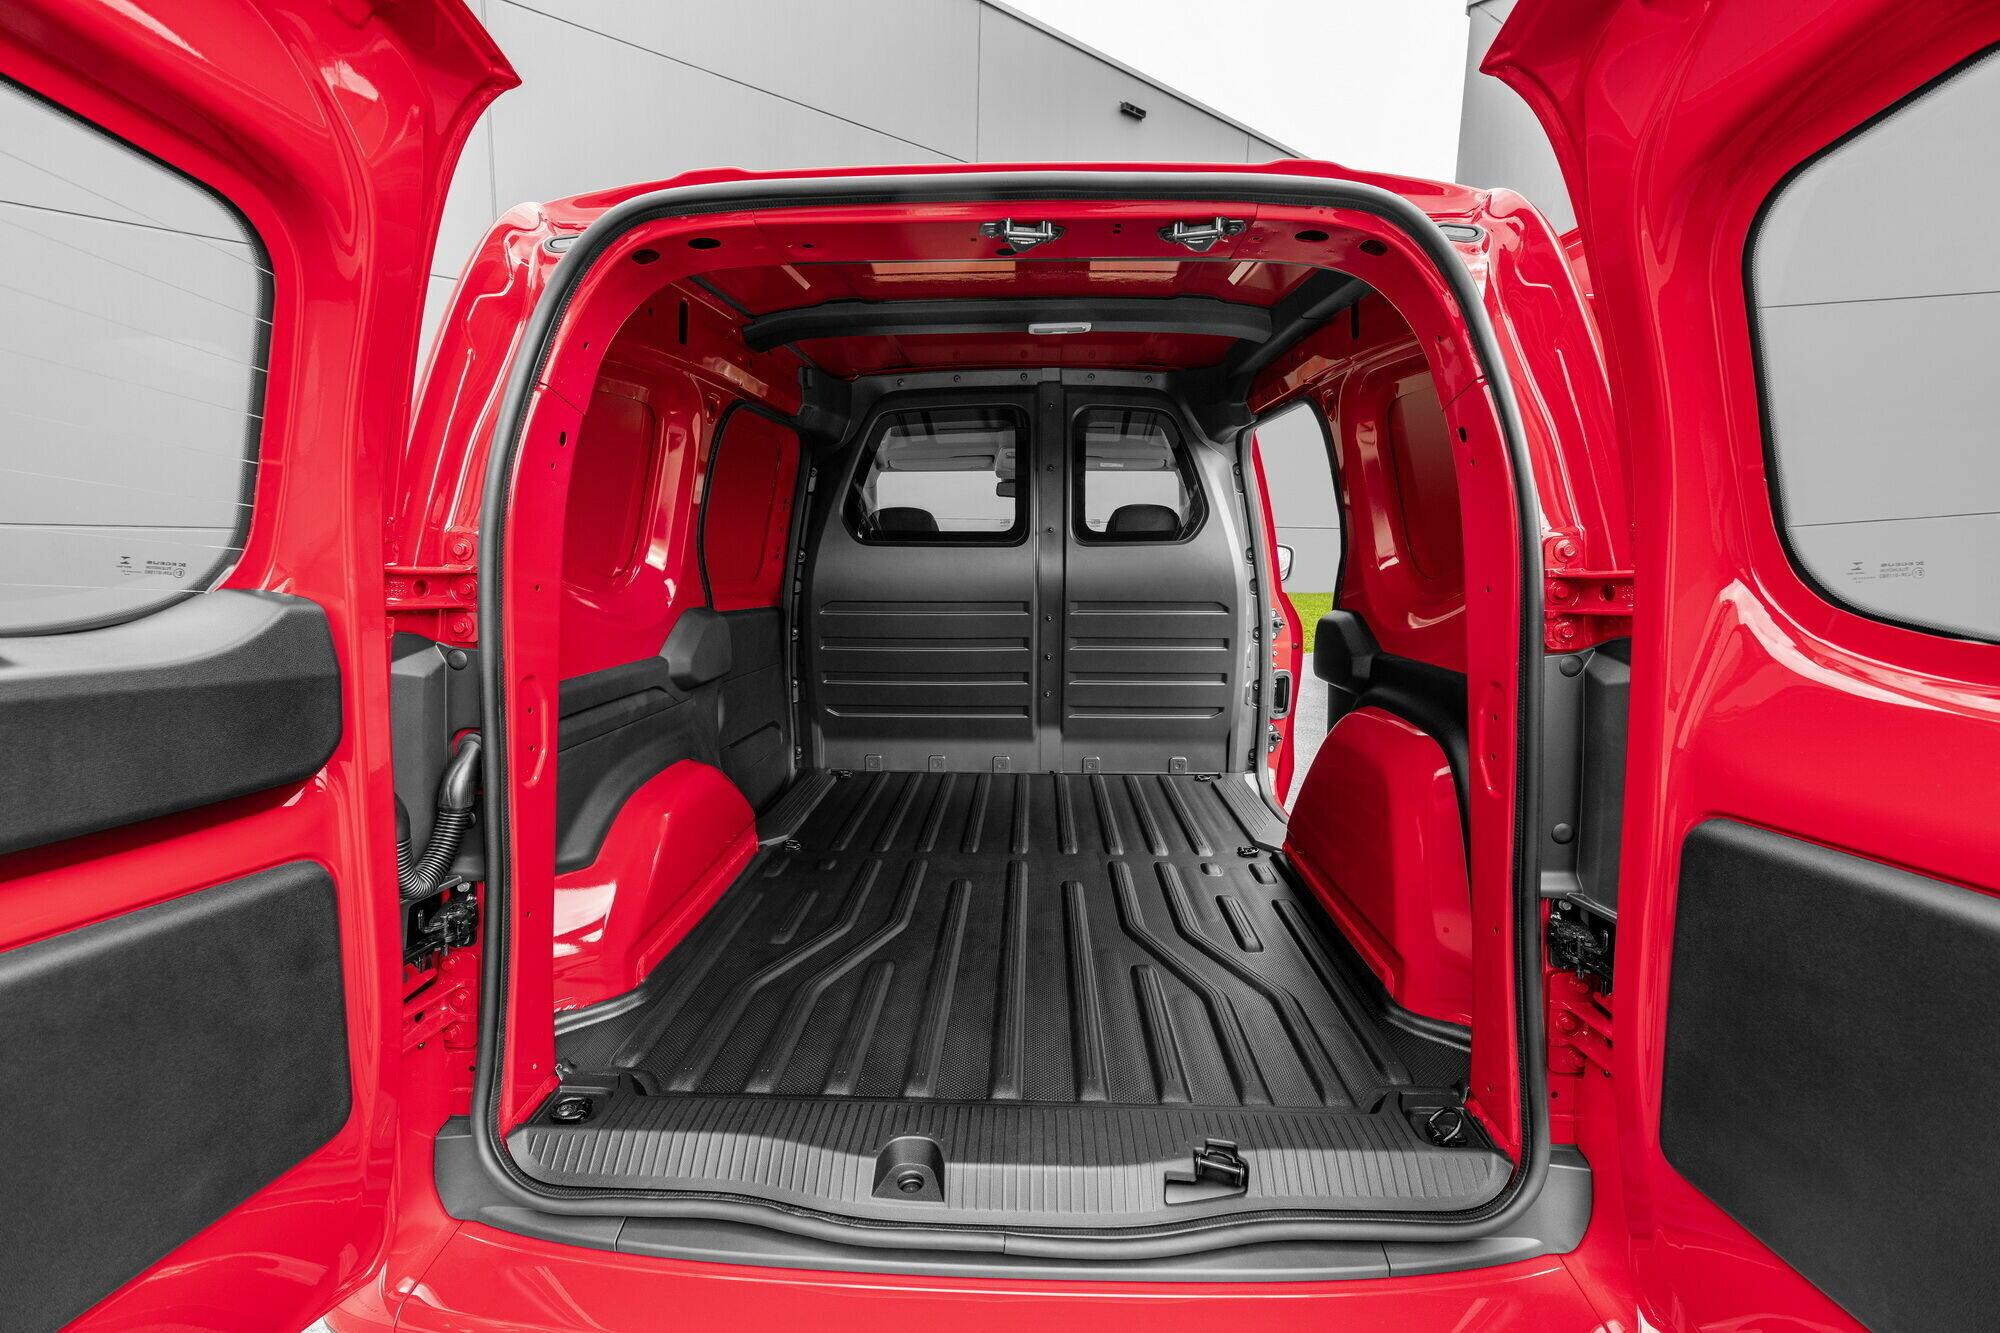 Объем багажного отделения – 2,9 м3, что позволяет разместить две европаллеты